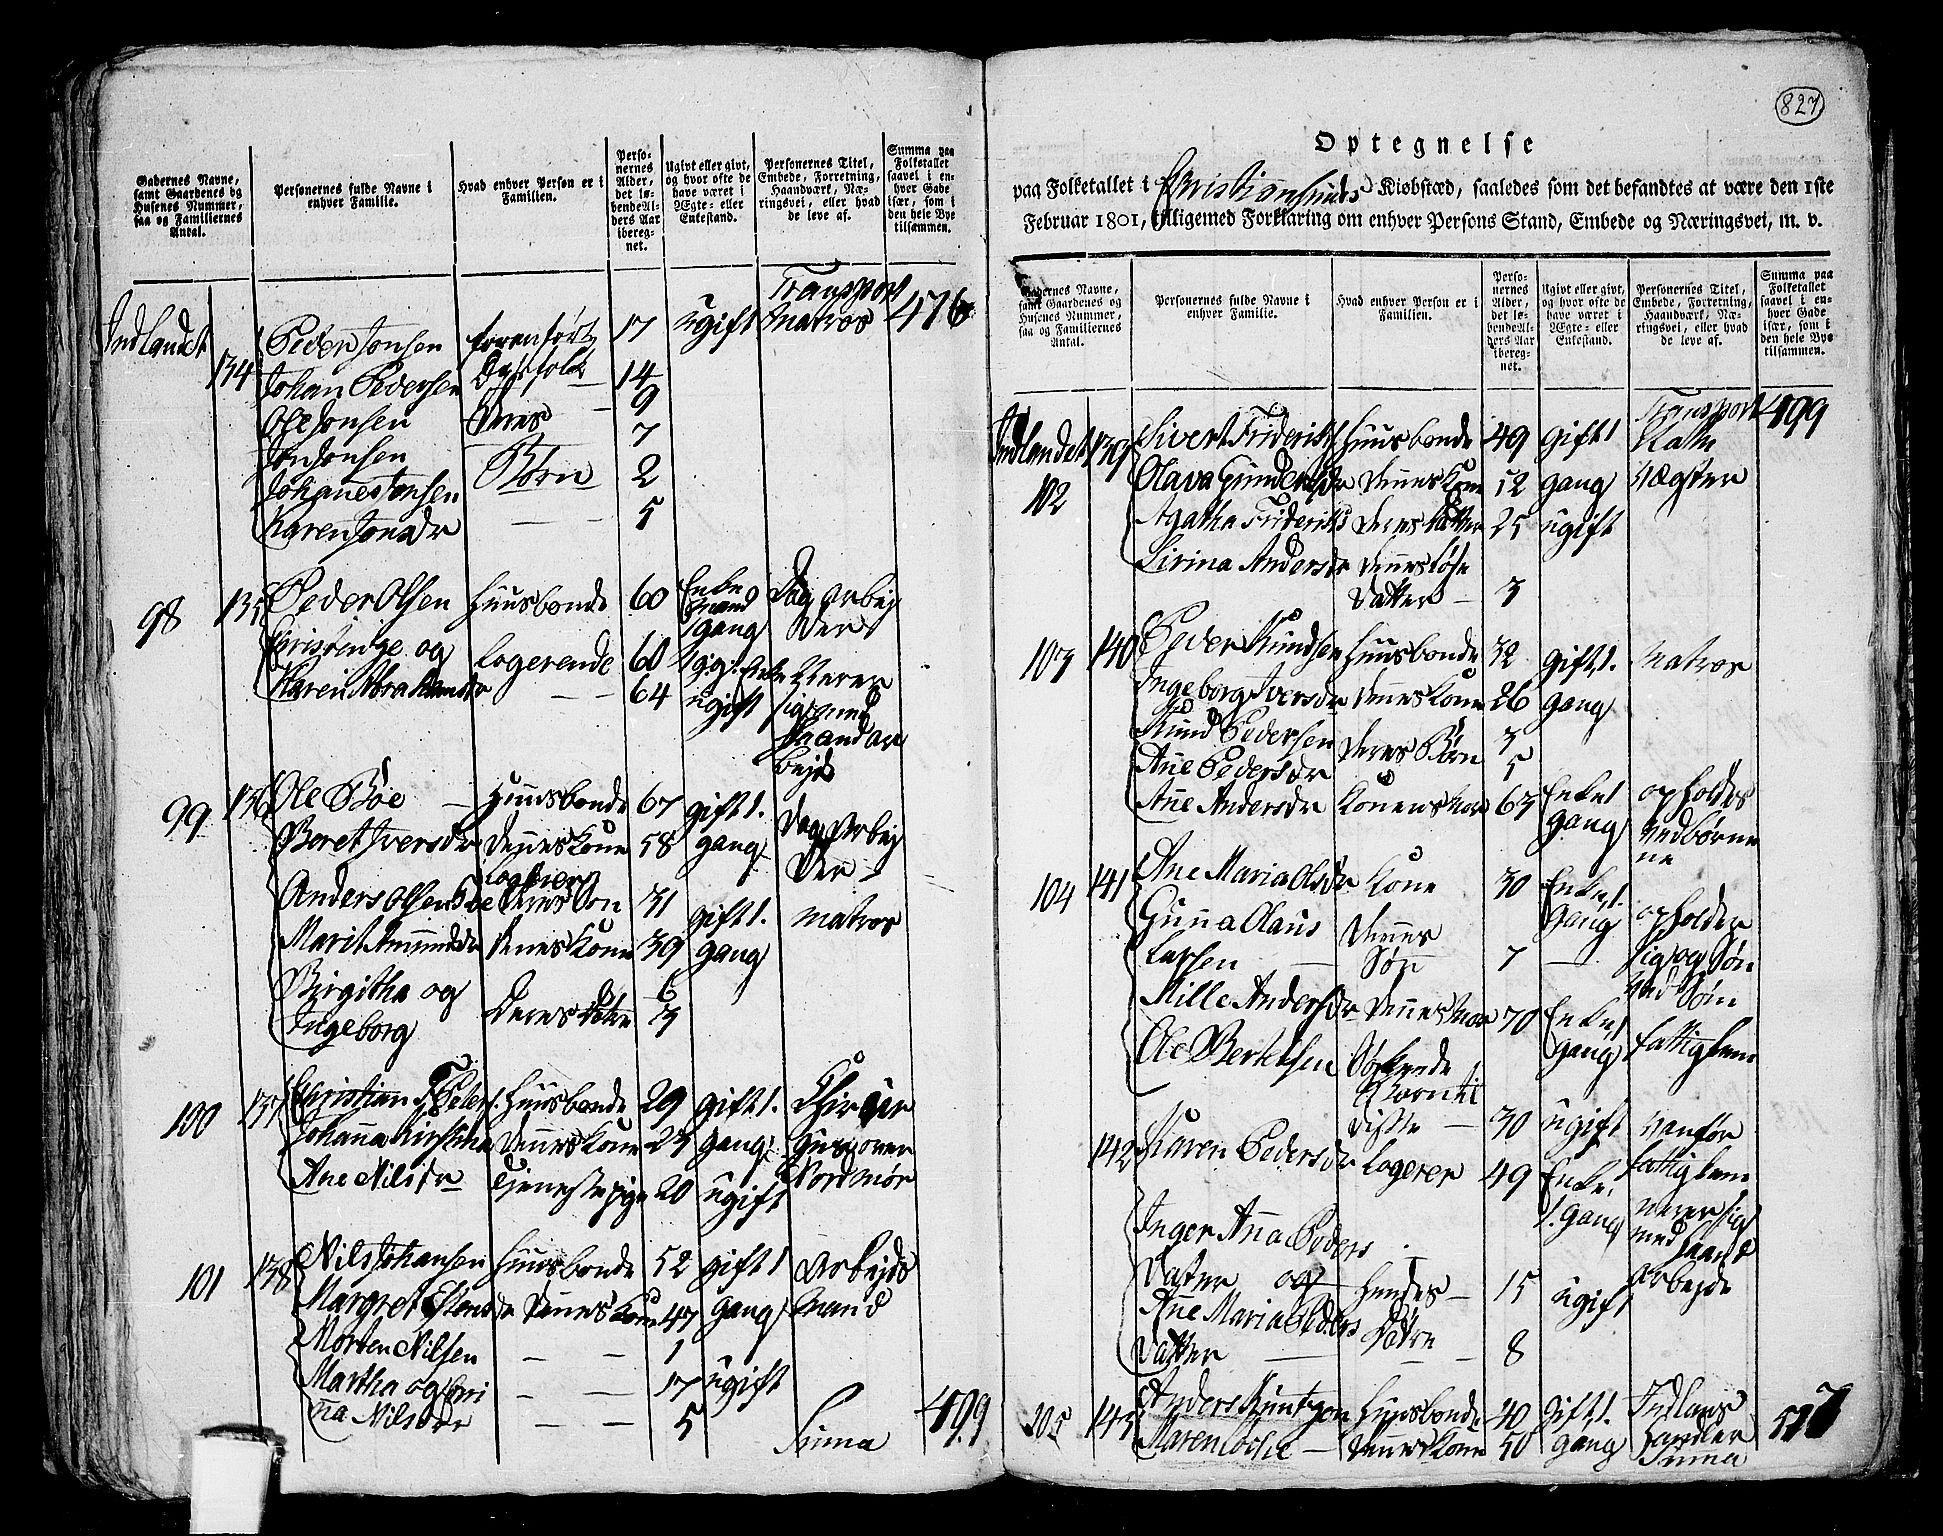 RA, Folketelling 1801 for 1553P Kvernes prestegjeld, 1801, s. 826b-827a